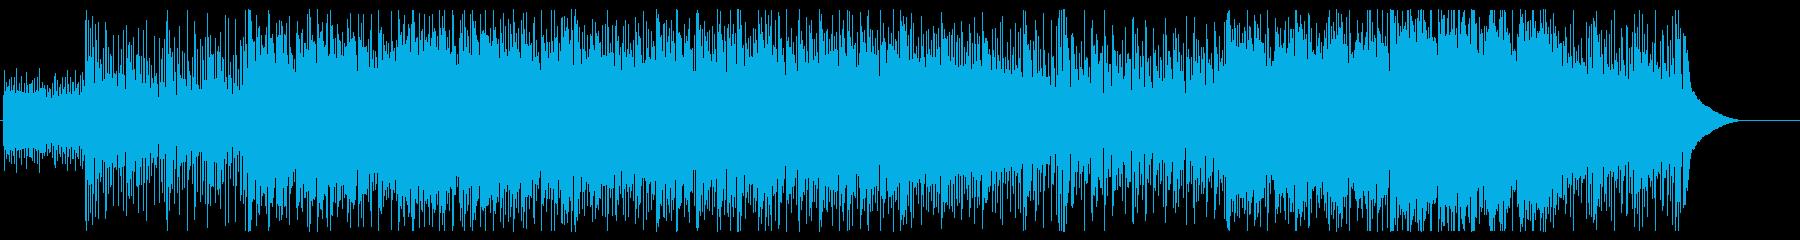 異国情緒溢れる怪しく不思議なBGMの再生済みの波形